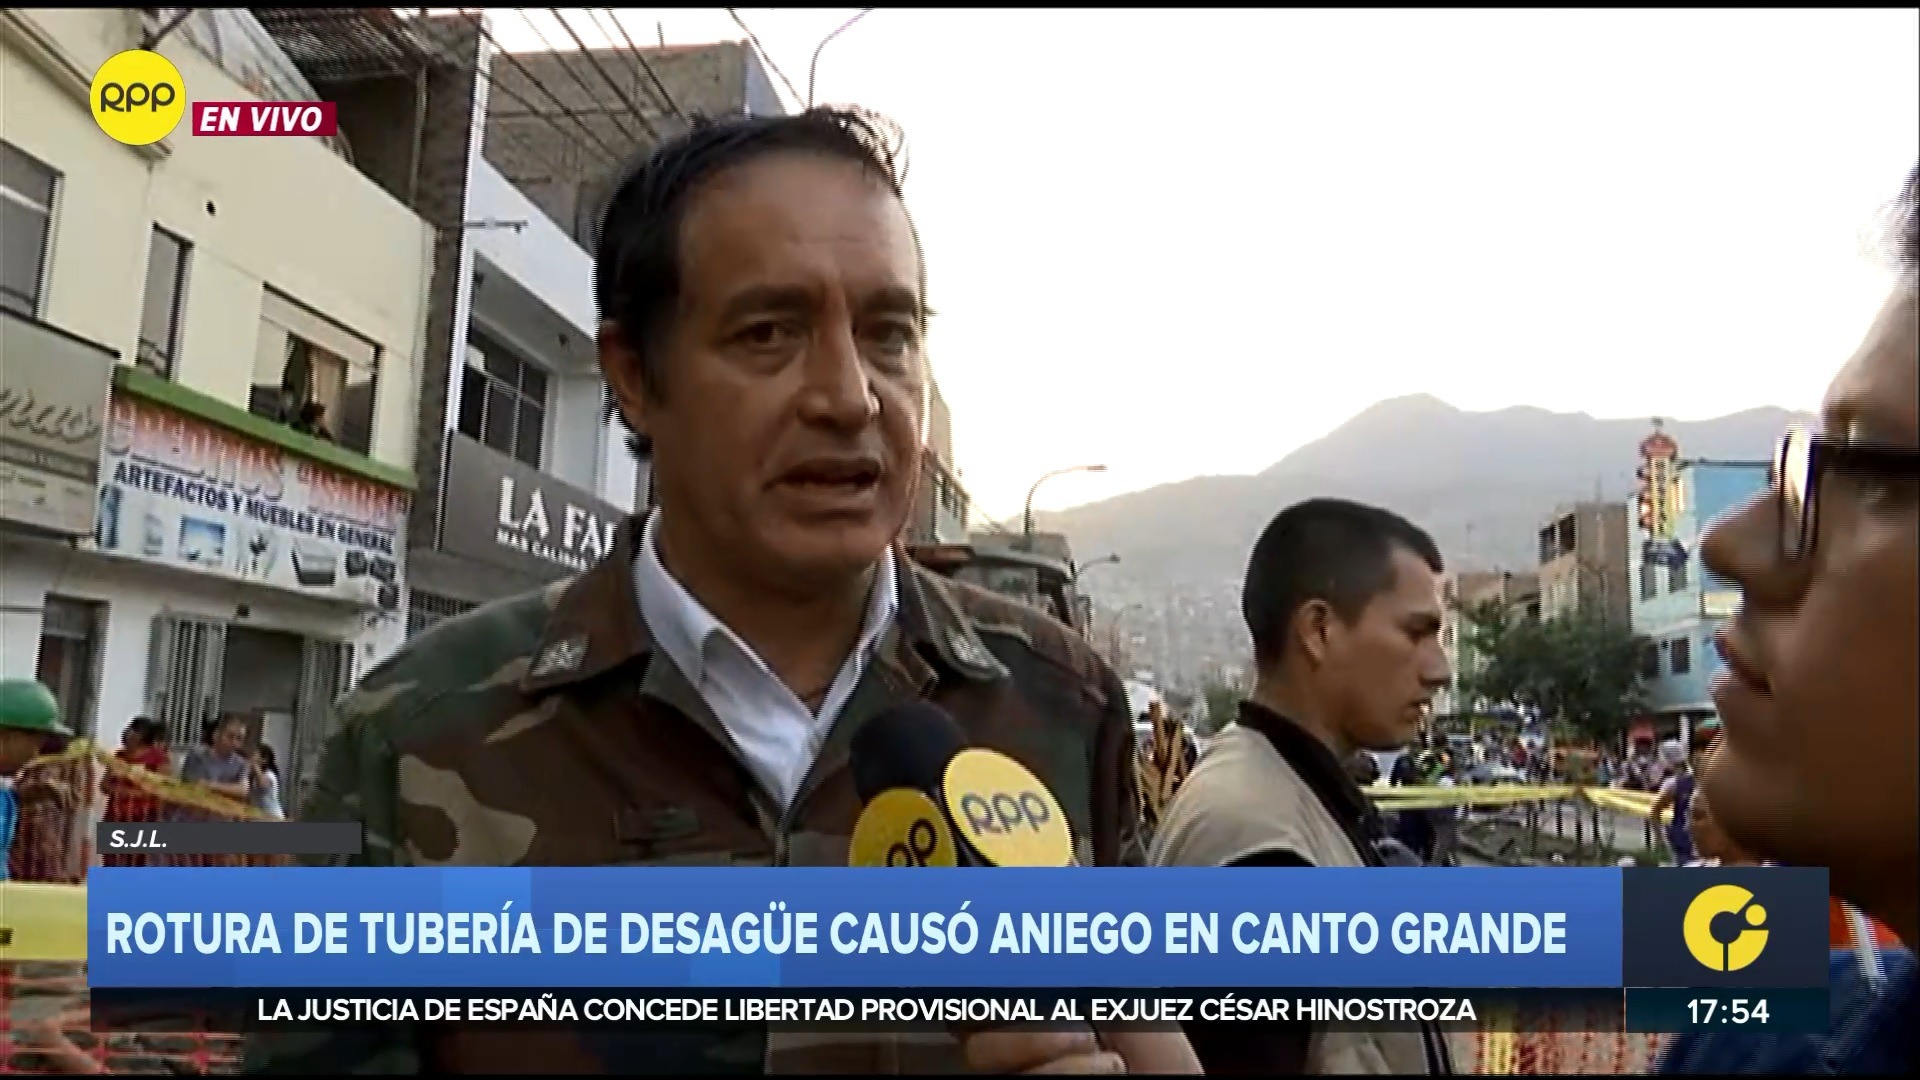 El alcalde Gonzáles criticó a Sedapal por el nuevo aniego.